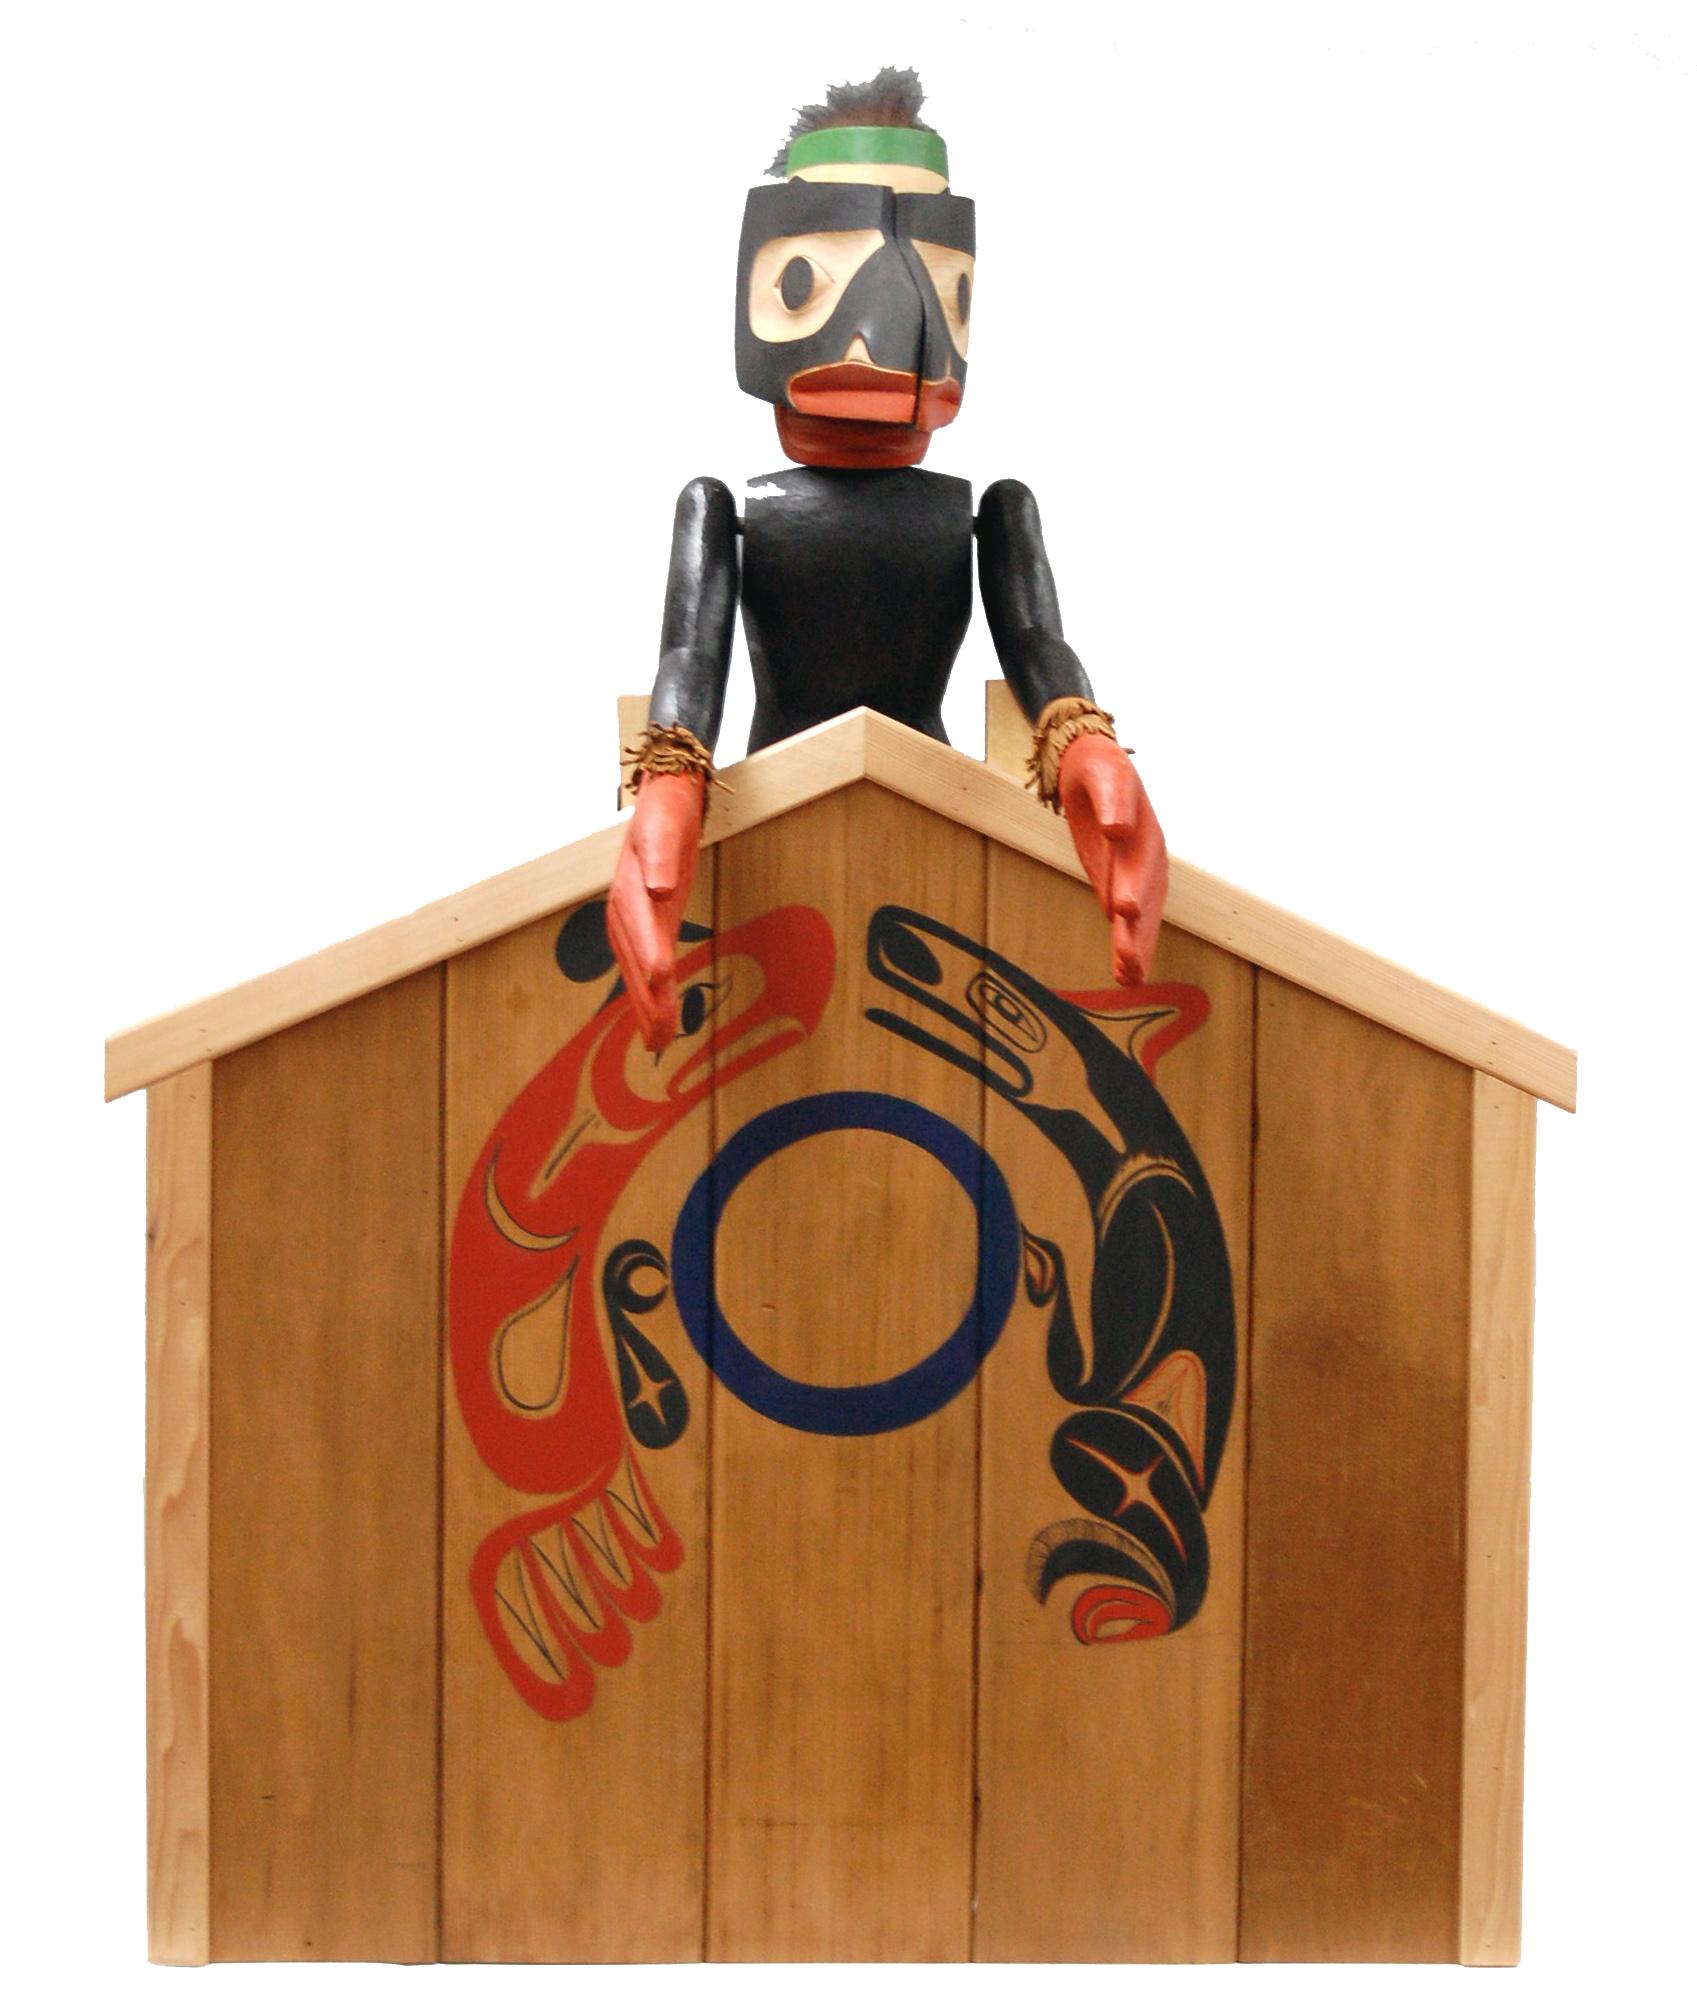 Marionnette à tiges de métamorphose d'un corbeau par George David, un membre des Nuu-chah-nulth / Nuučaan̓uł (Côte Nord-Ouest du Pacifique au Canada)